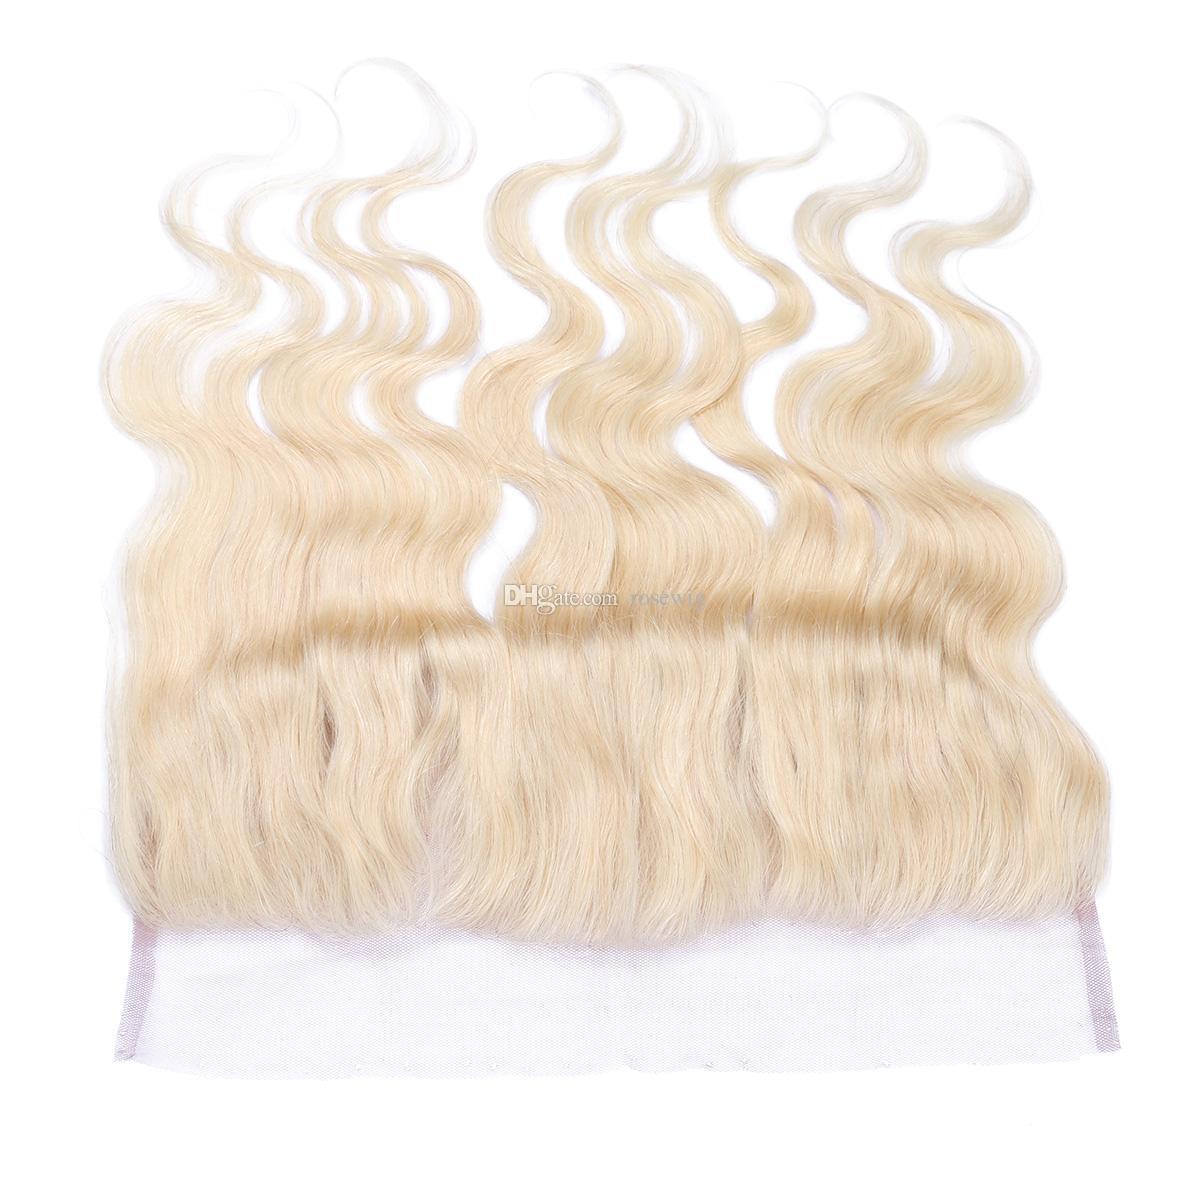 Peruanisches Menschenhaar # 613 Bleach Blonde Lace Frontal Closure 13x4 Kostenlose Mitte Drei Teil Blonde Volle Spitze Frontal